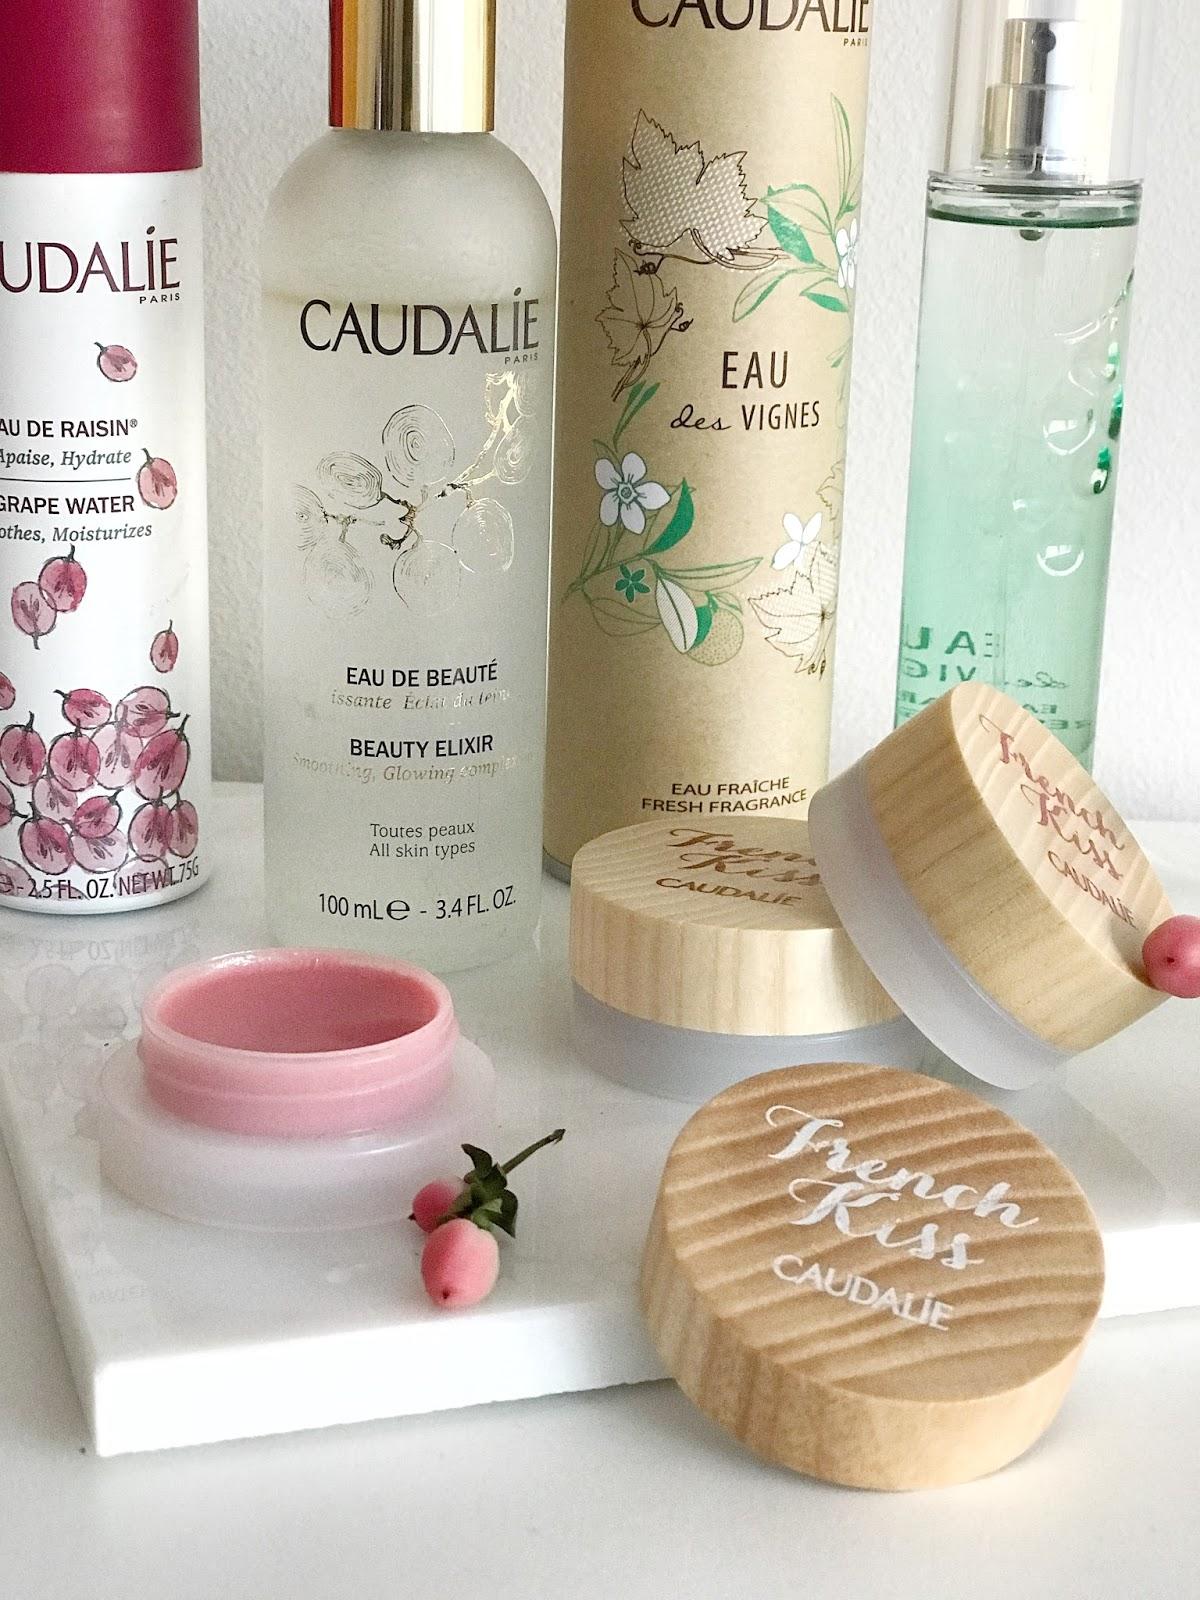 Caudalie Beauty Elixir, Caudalie osvežilna voda iz grozdja, Caudalie French kiss balzam za ustnice, Caudalie eau des vignes dišava, Caudalie vinoperfect essenca